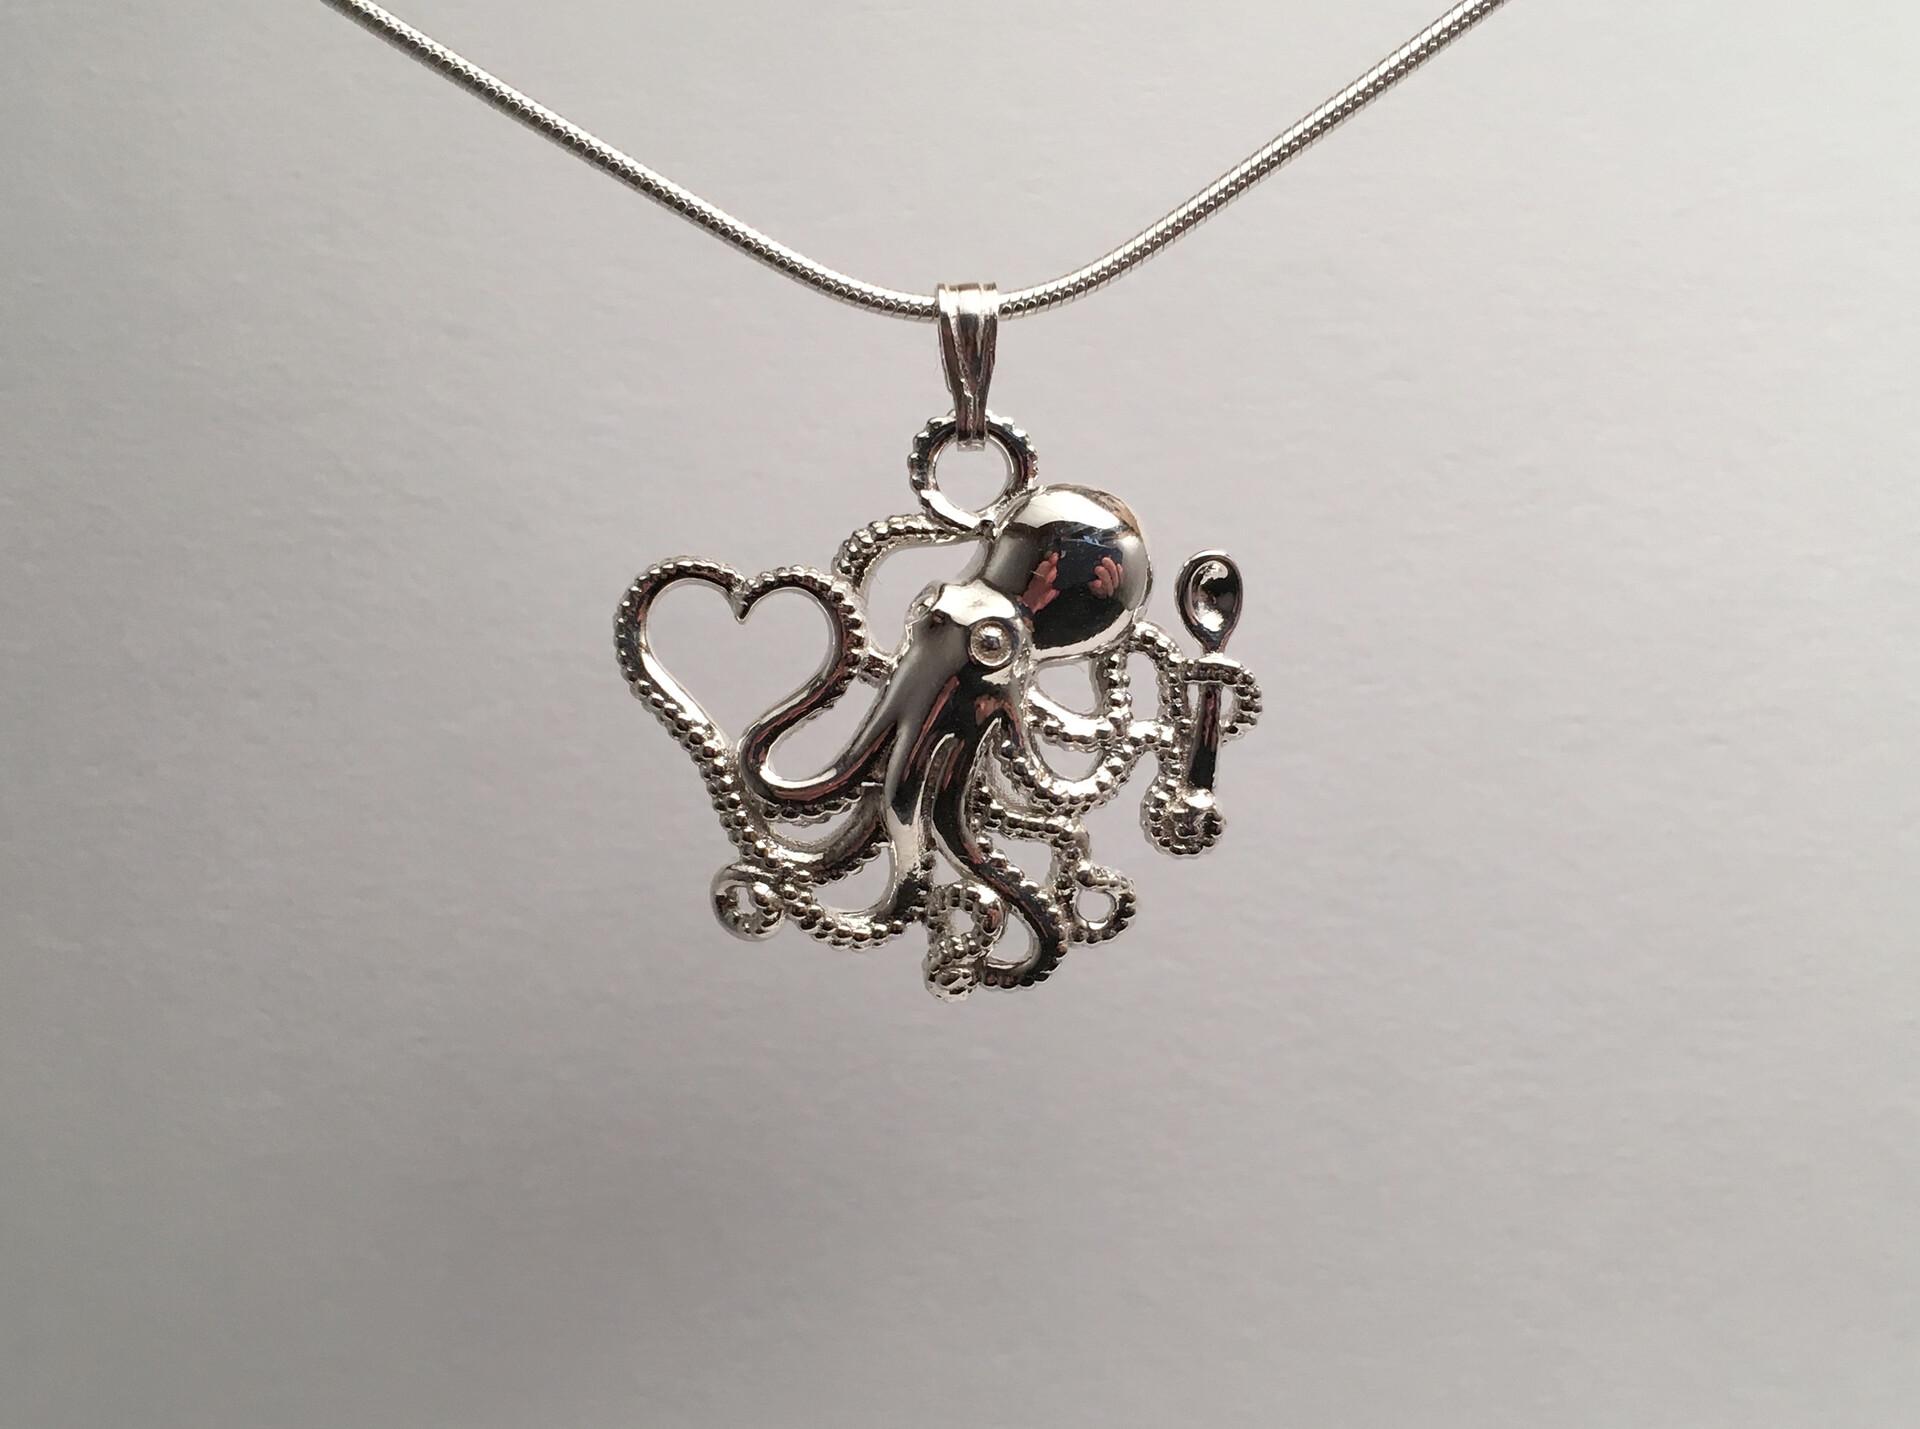 Ken calvert octopus snake chain 1